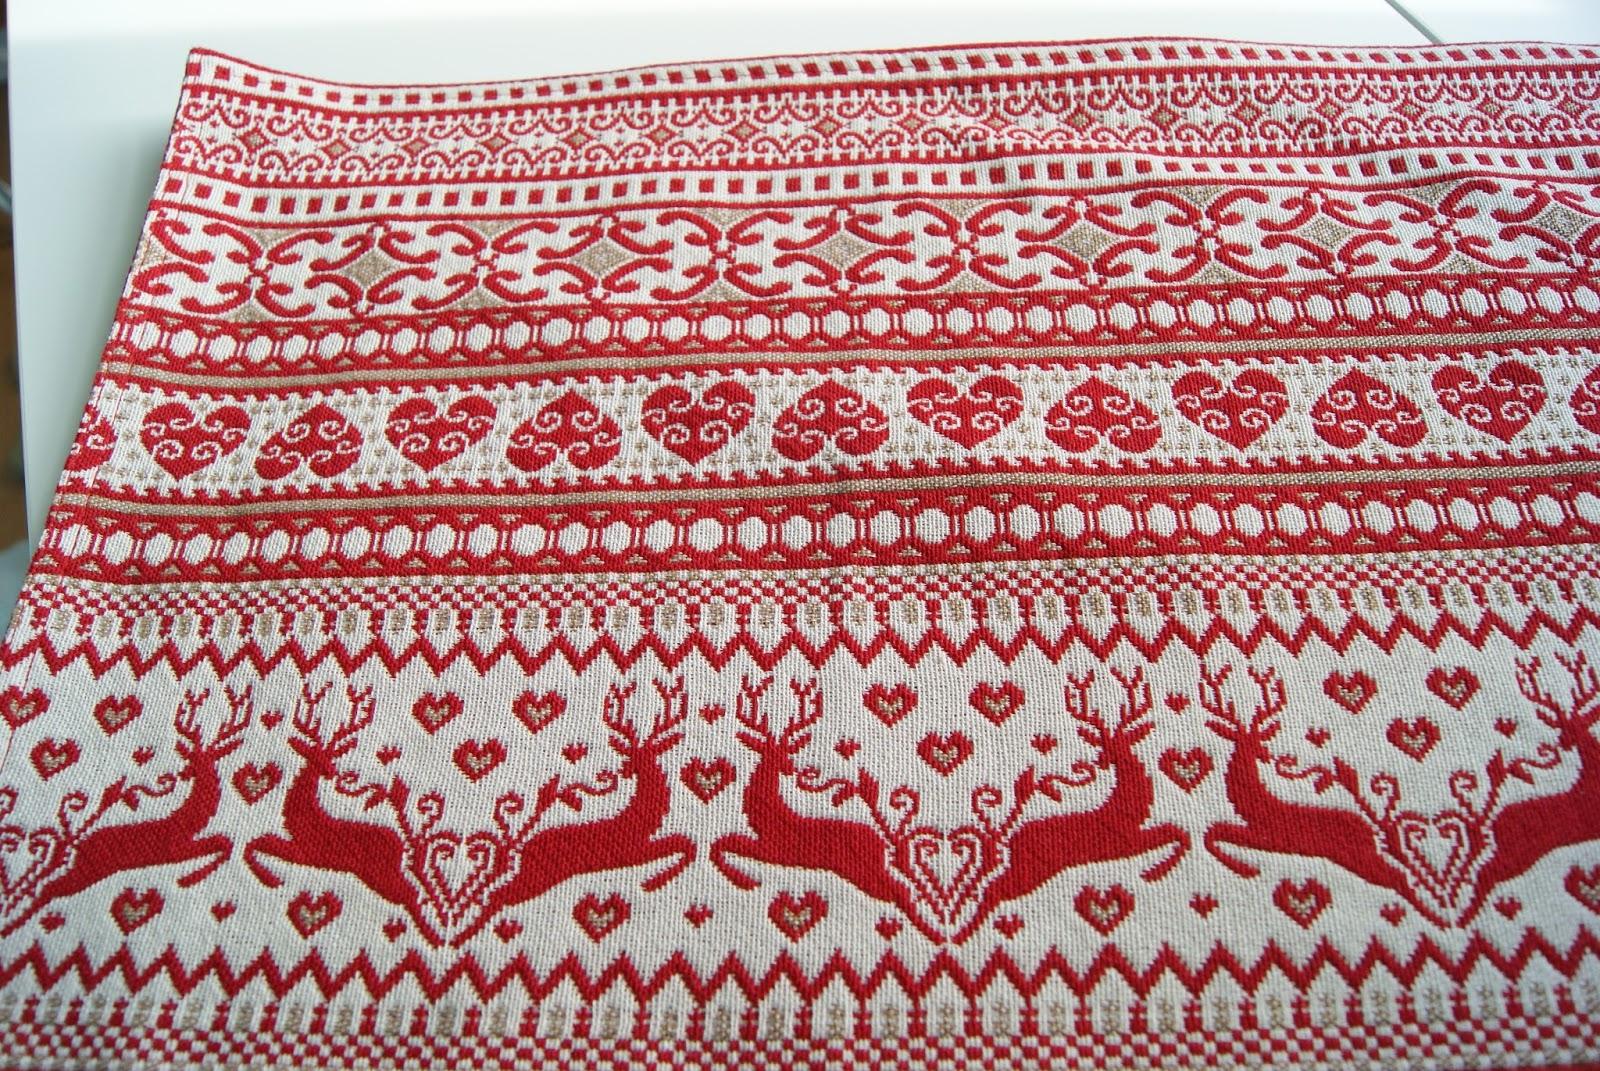 Scandinavian woven placemat